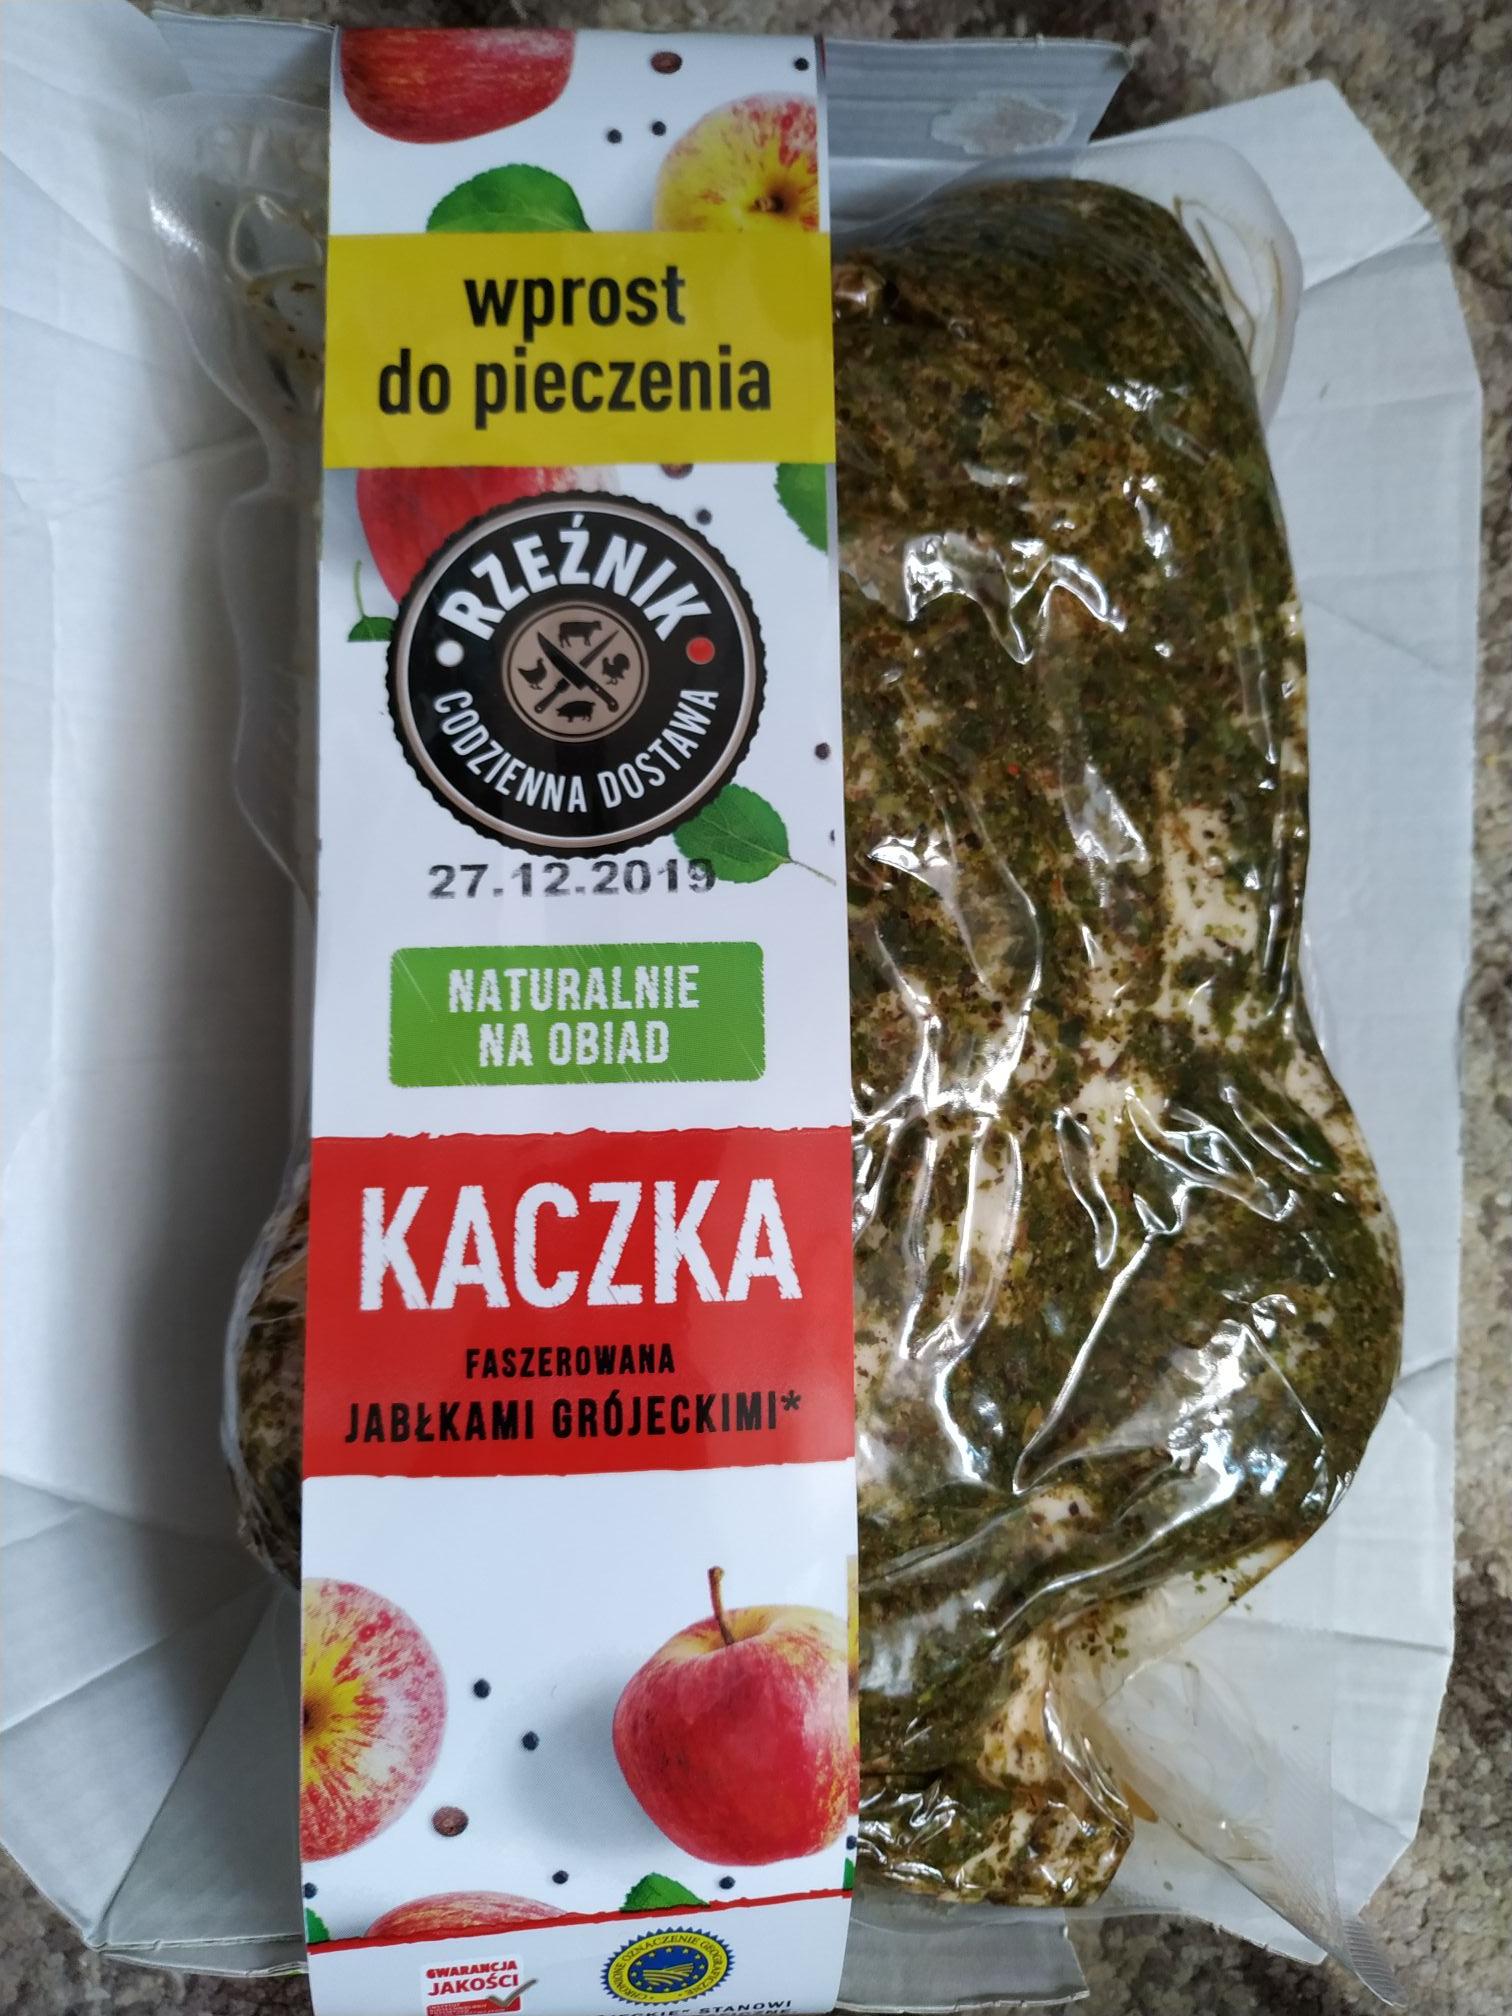 Kaczka faszerowana jabłkami Grójeckim 5,99 zł - LIDL